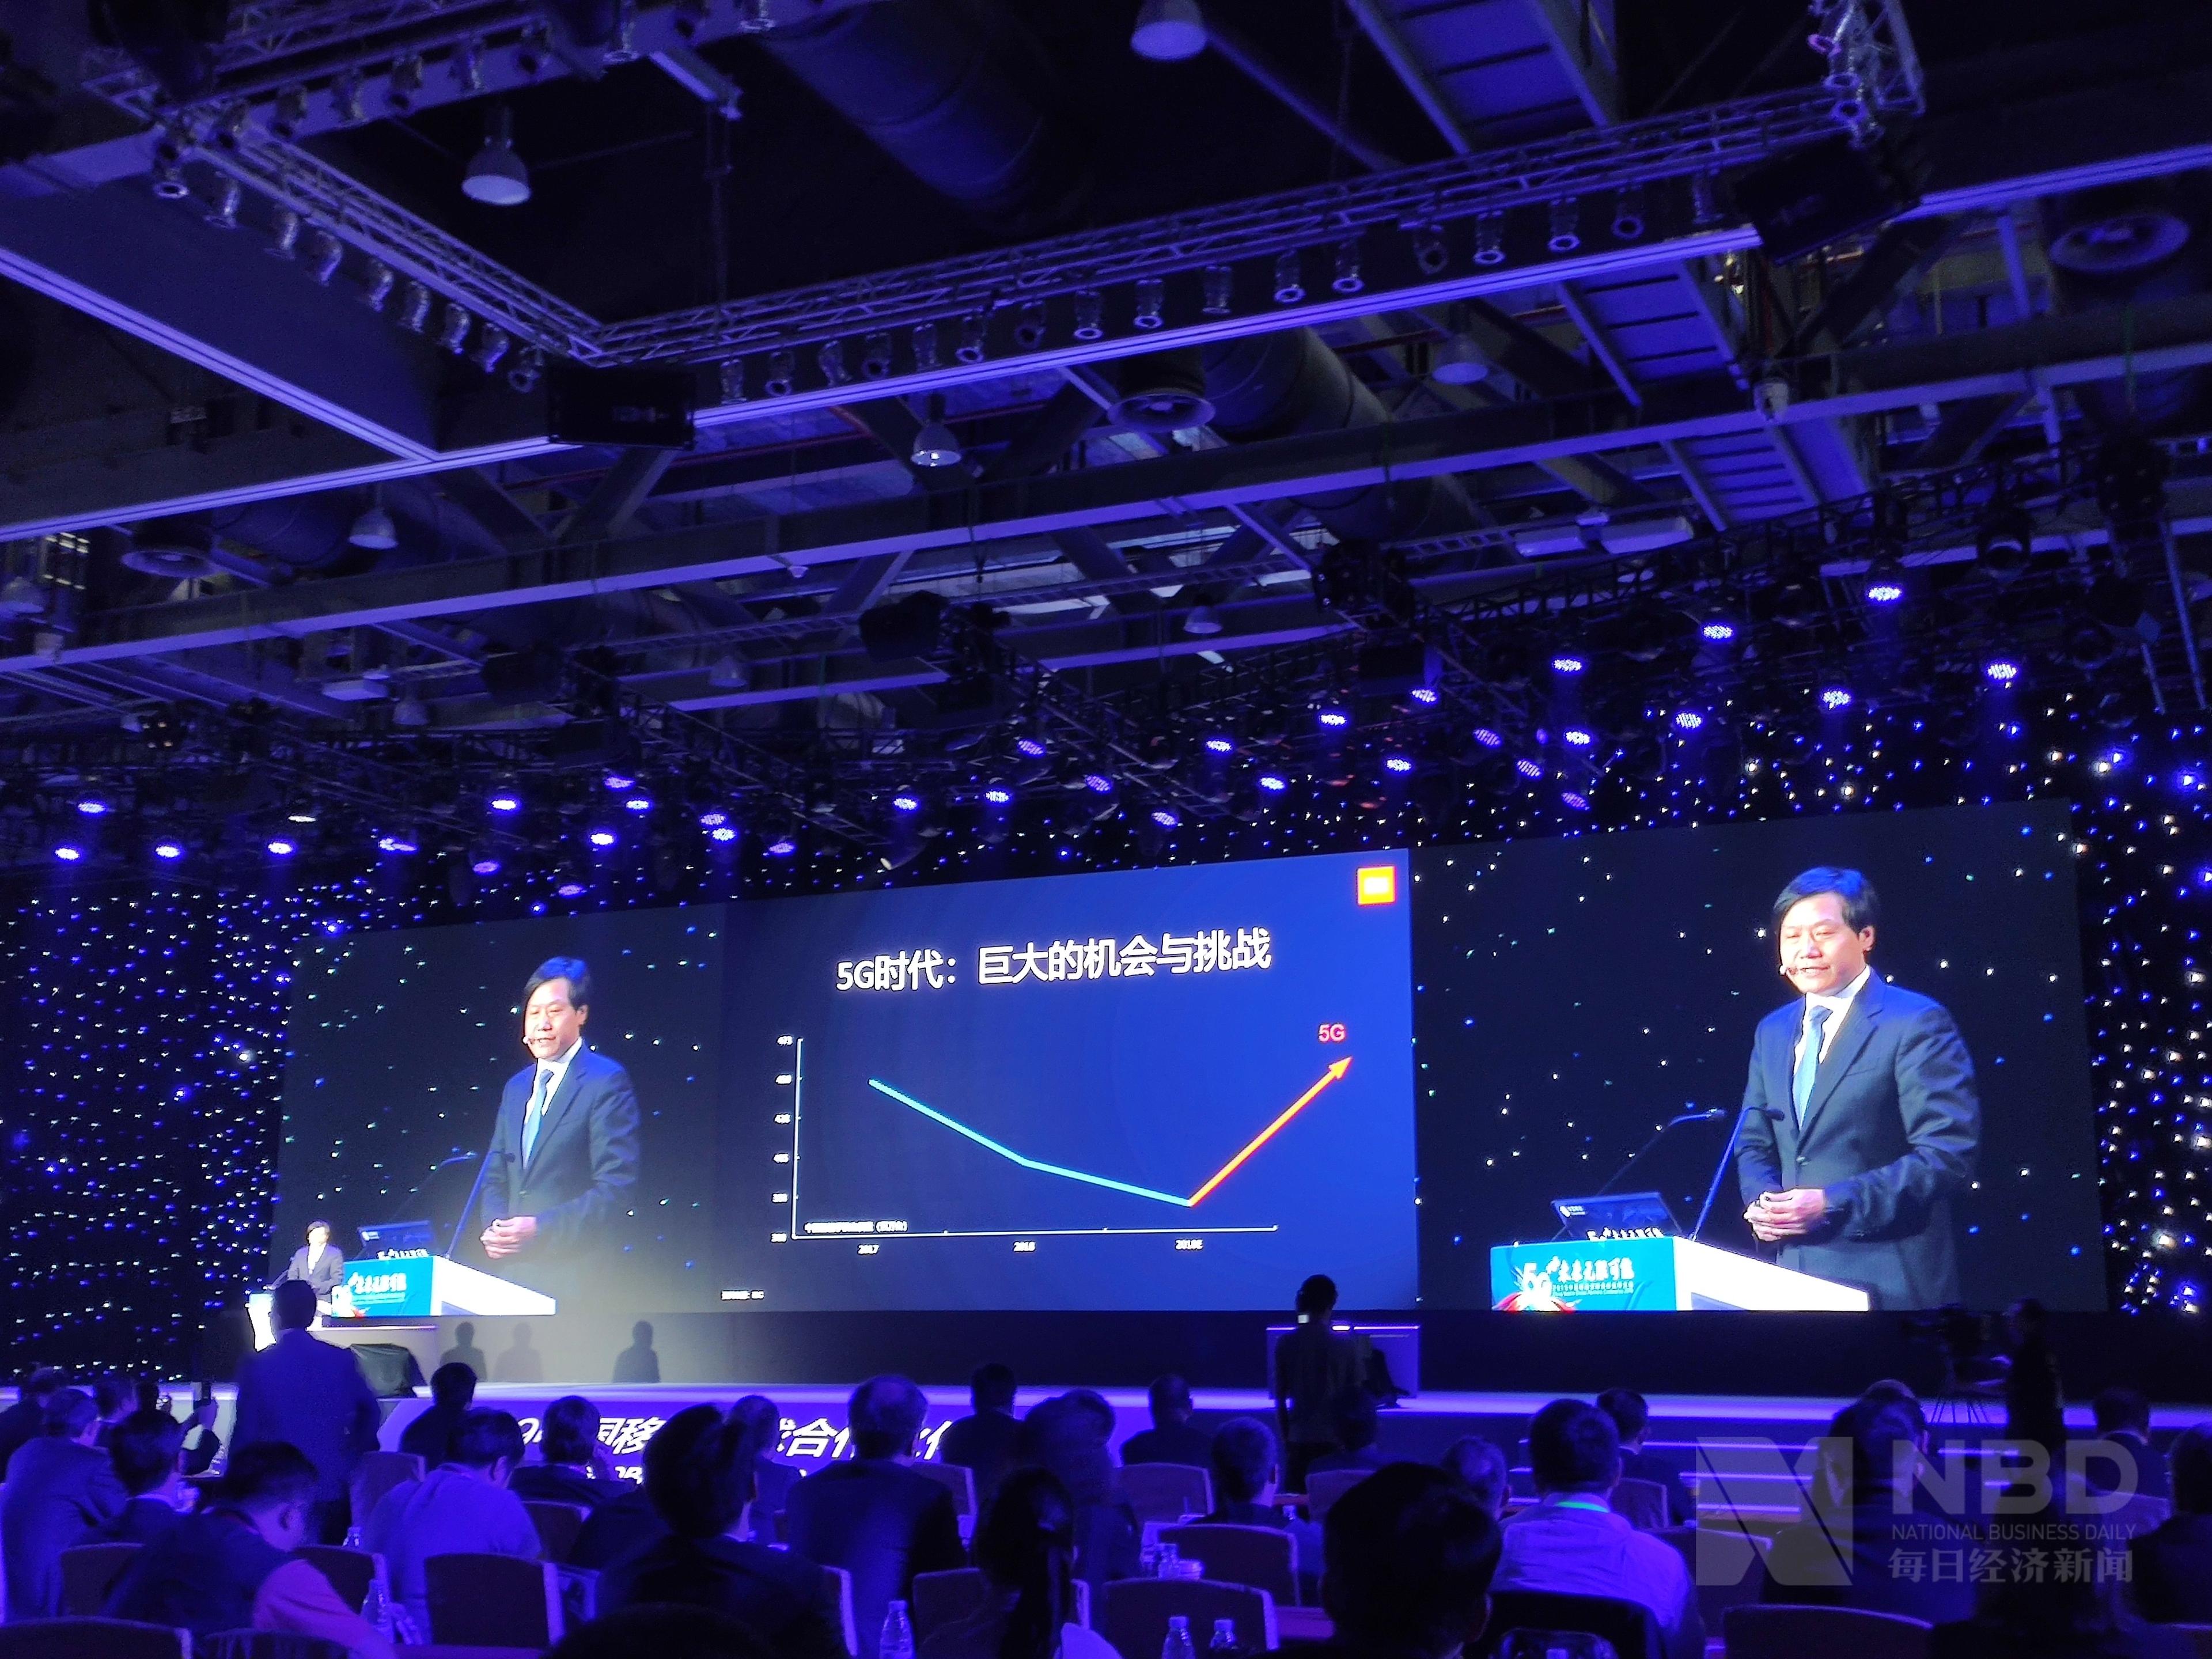 """小米科技创始人雷军:未来5年小米将是""""手机+AIoT""""双引擎战略_演讲"""